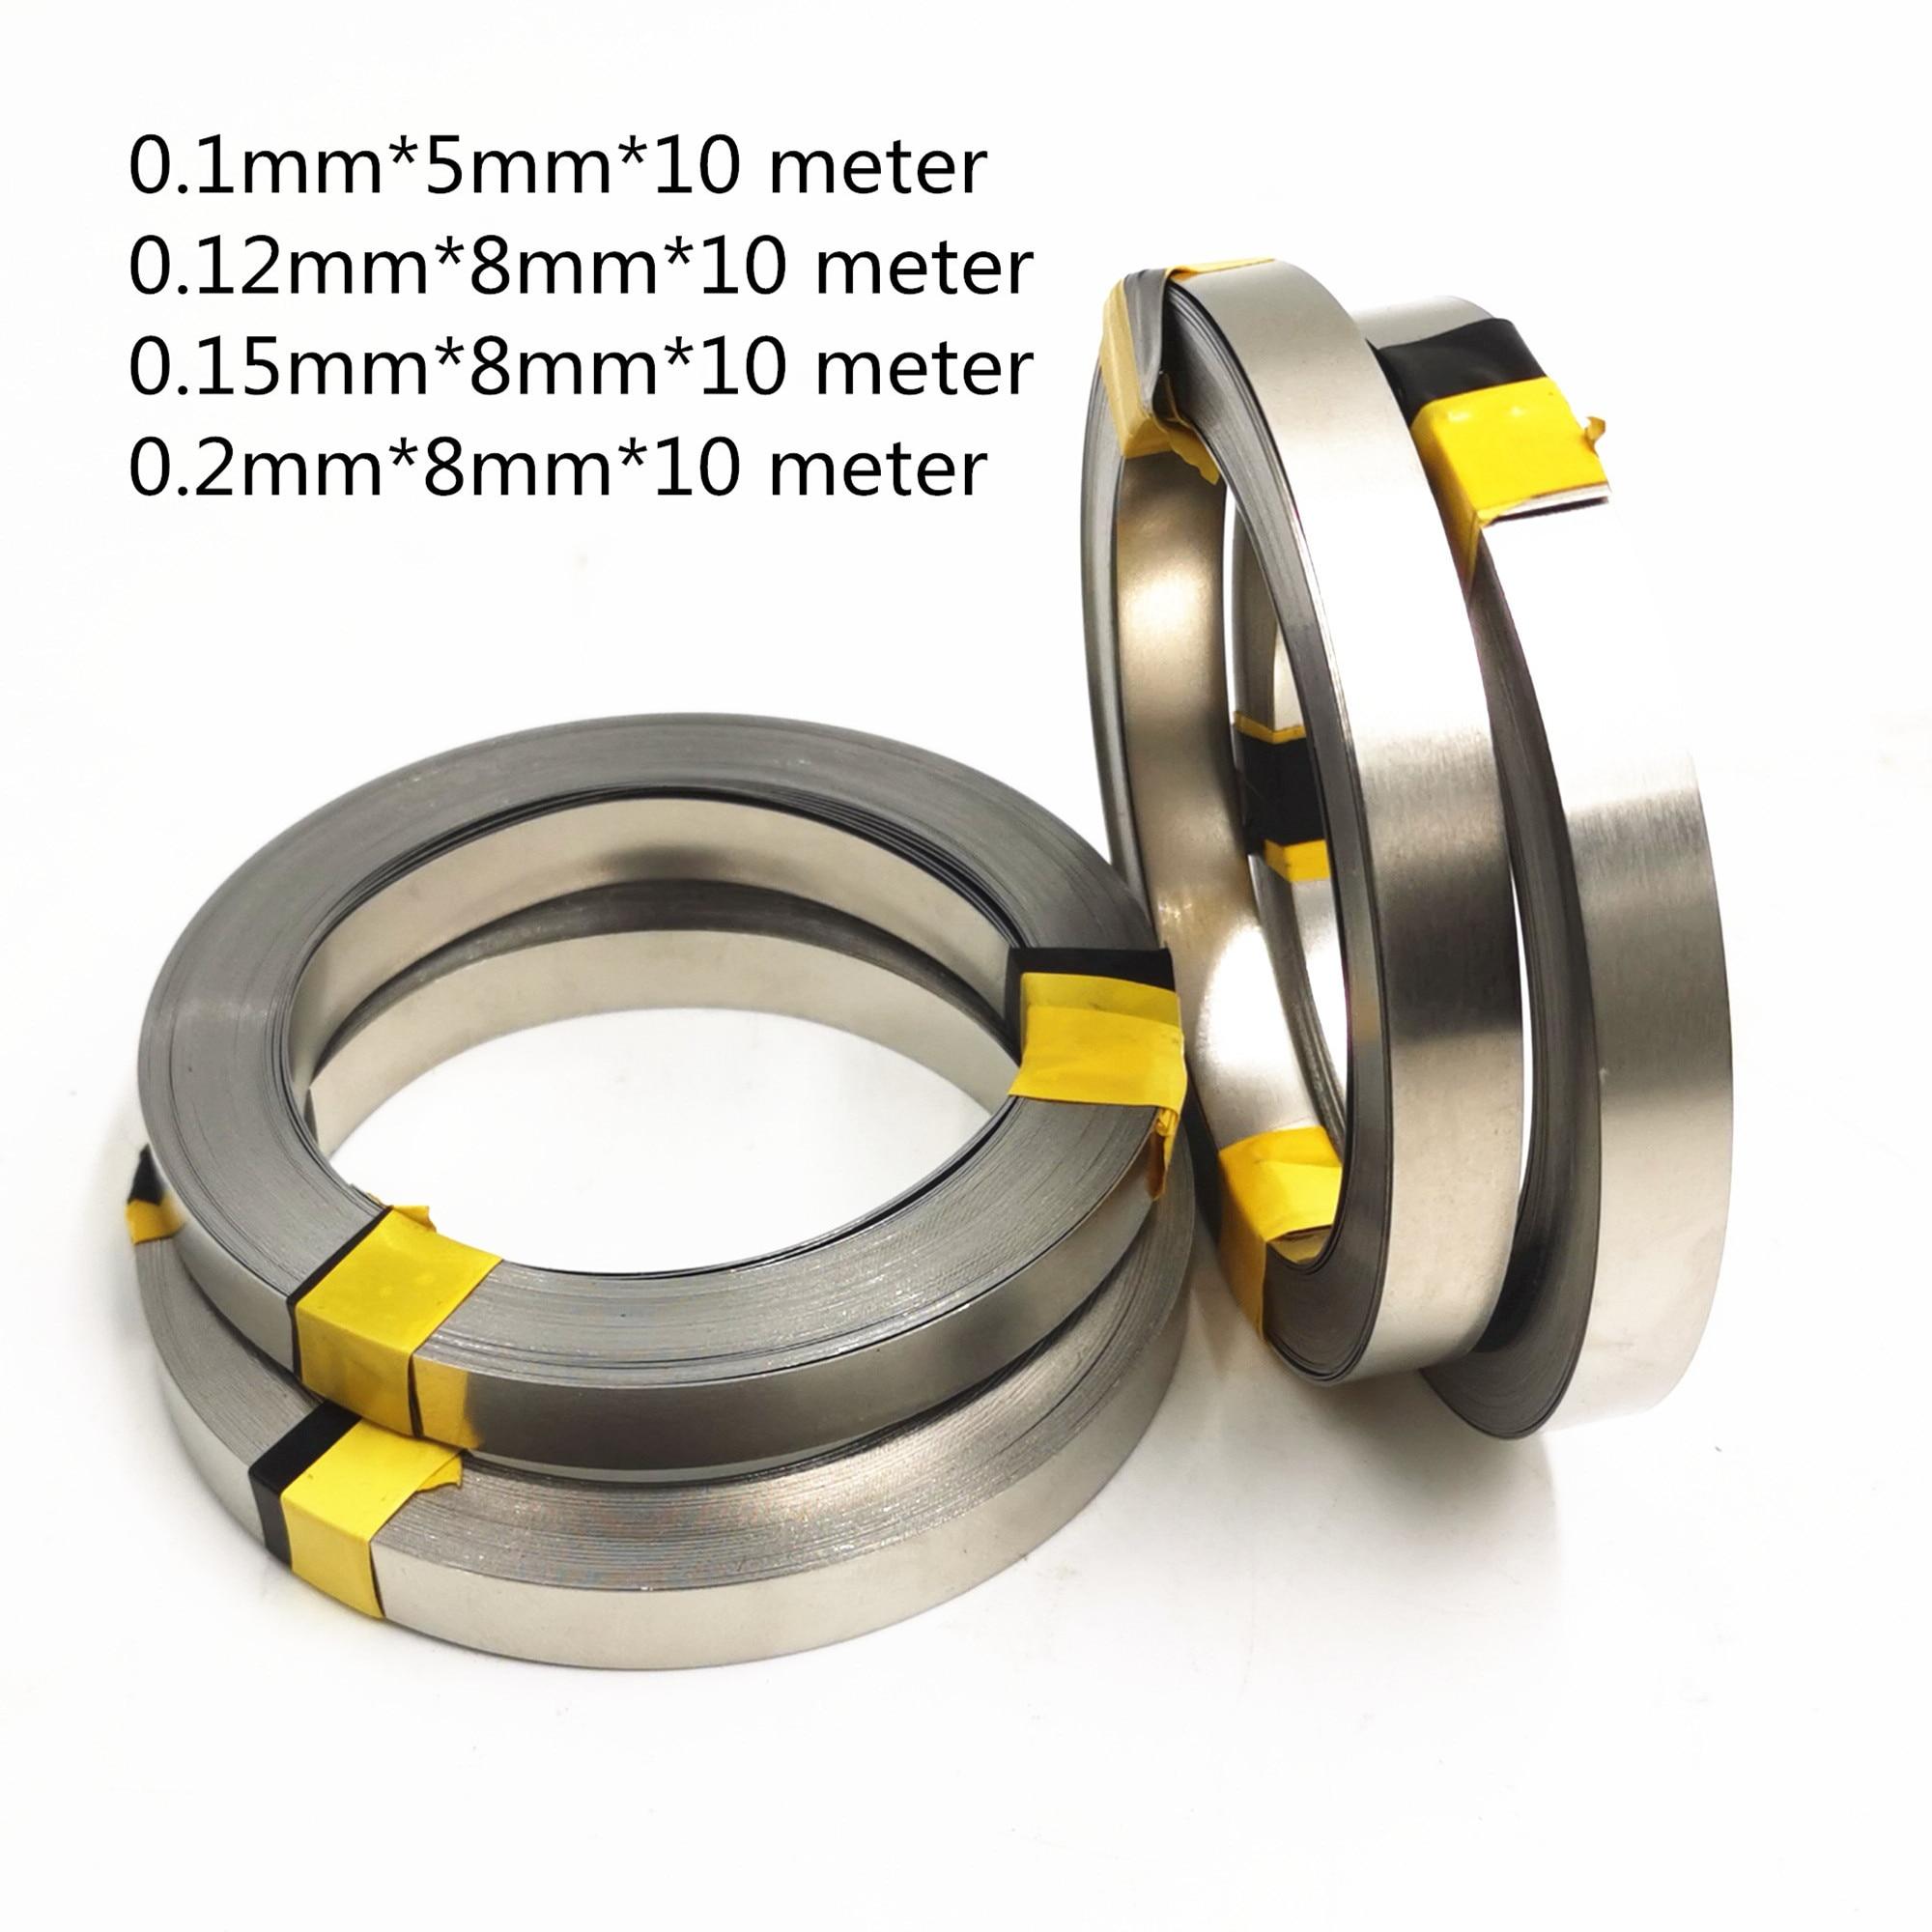 1 role 10 m 18650 pro Li-ion baterie niklová plechová deska poniklovaný ocelový pásový pásový konektor bodový svařovací stroj svářečky baterií